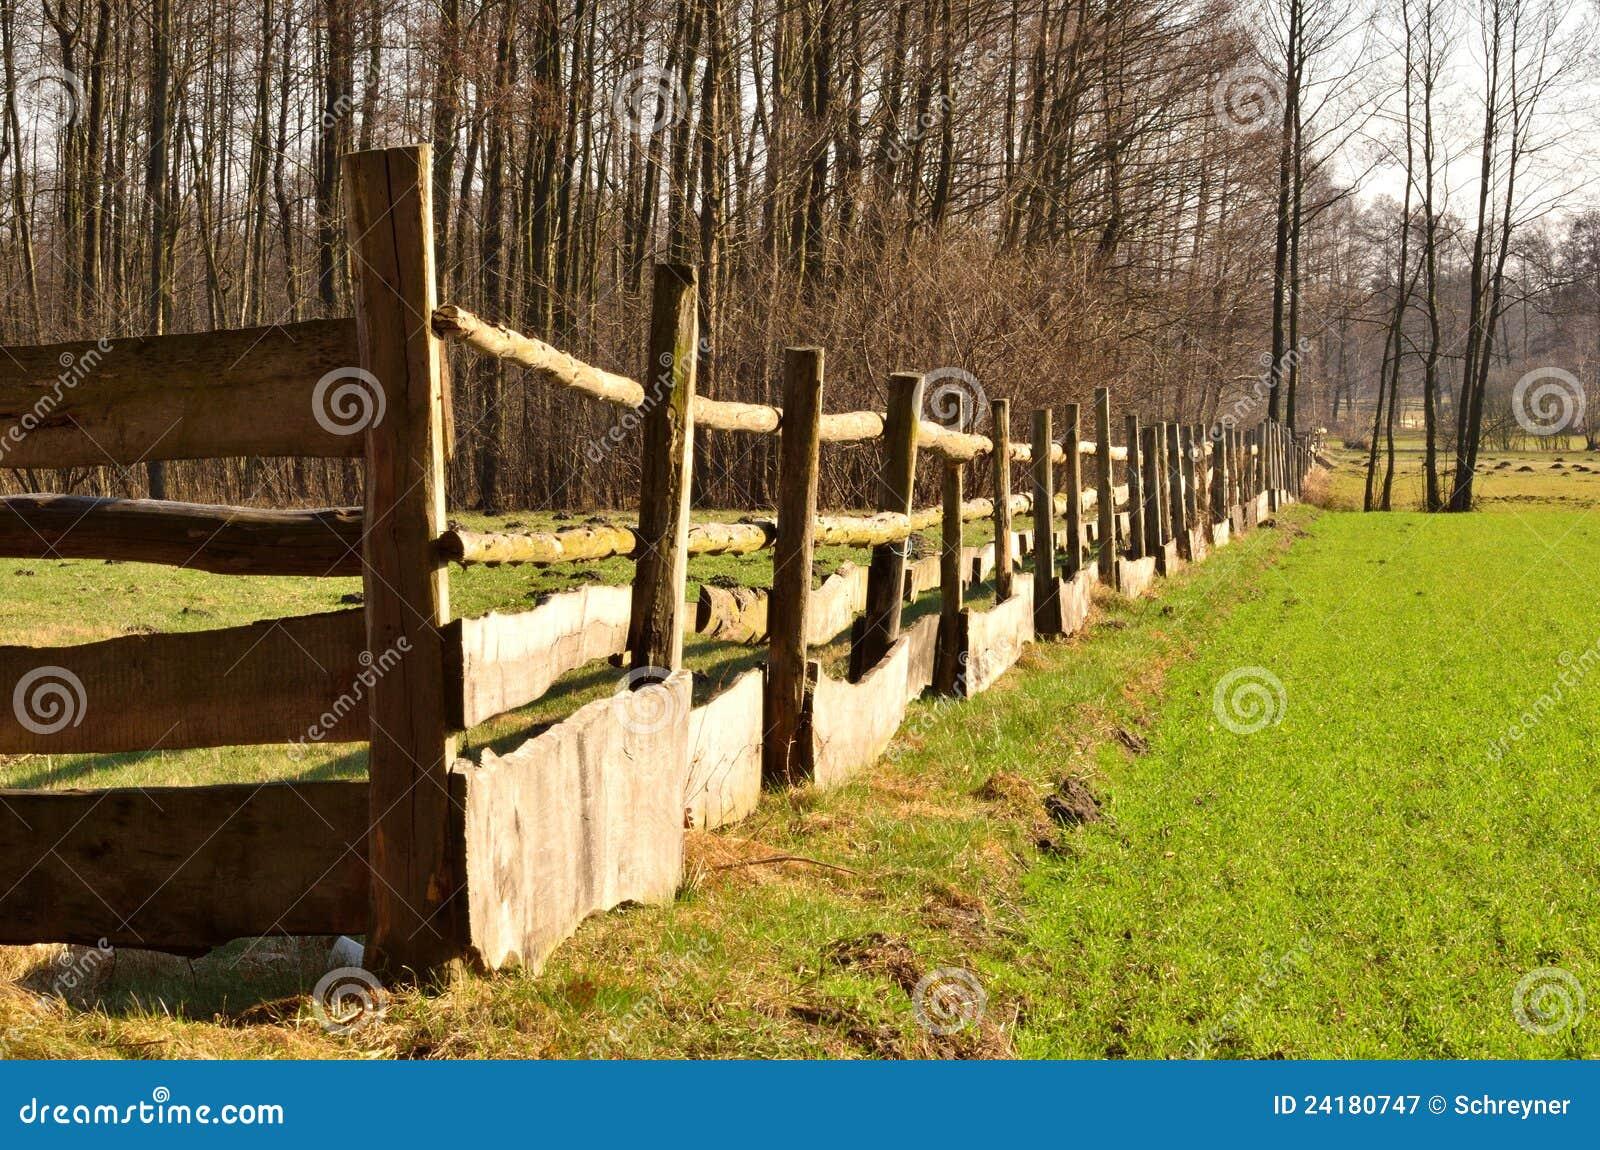 Der Zaun um Weide stockbild Bild von grün pfützen